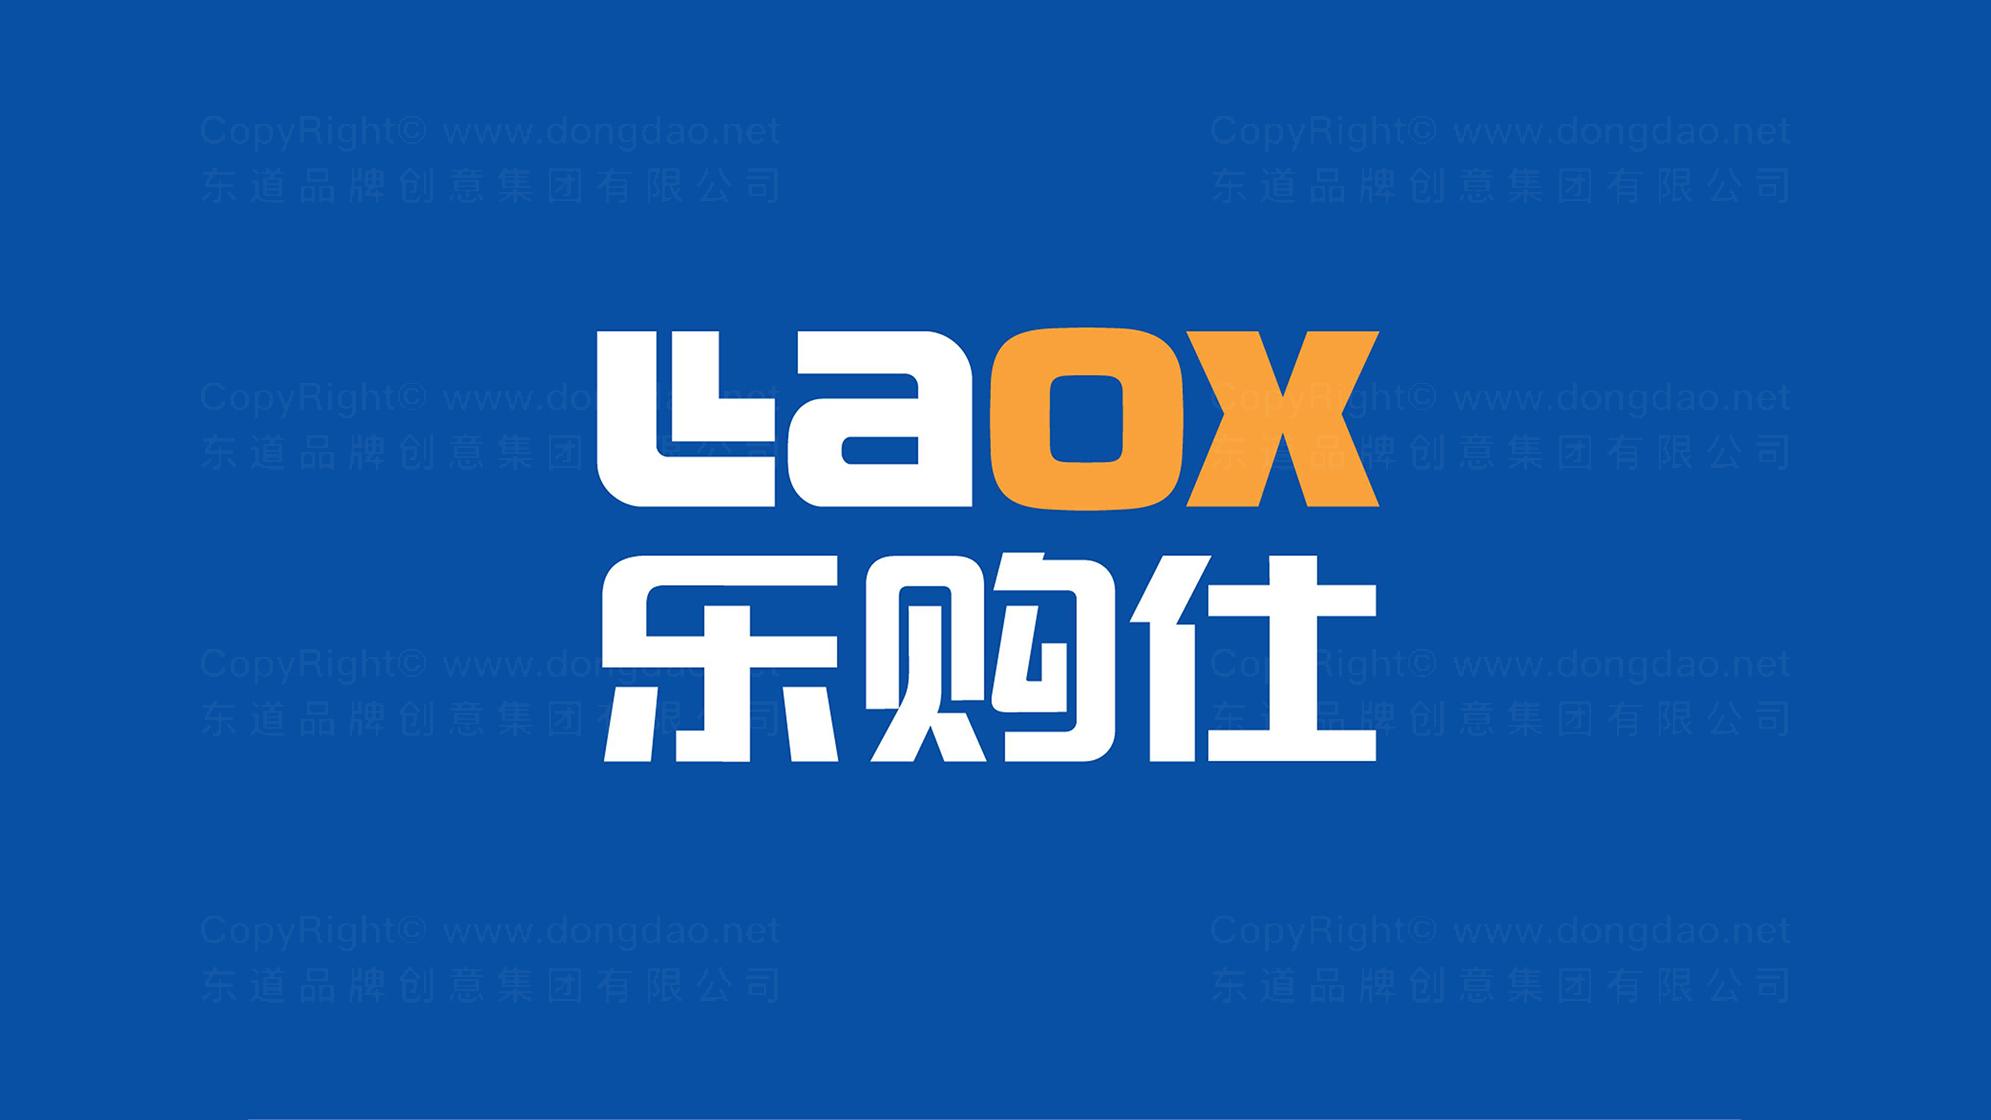 品牌设计案例苏宁logo设计、vi设计